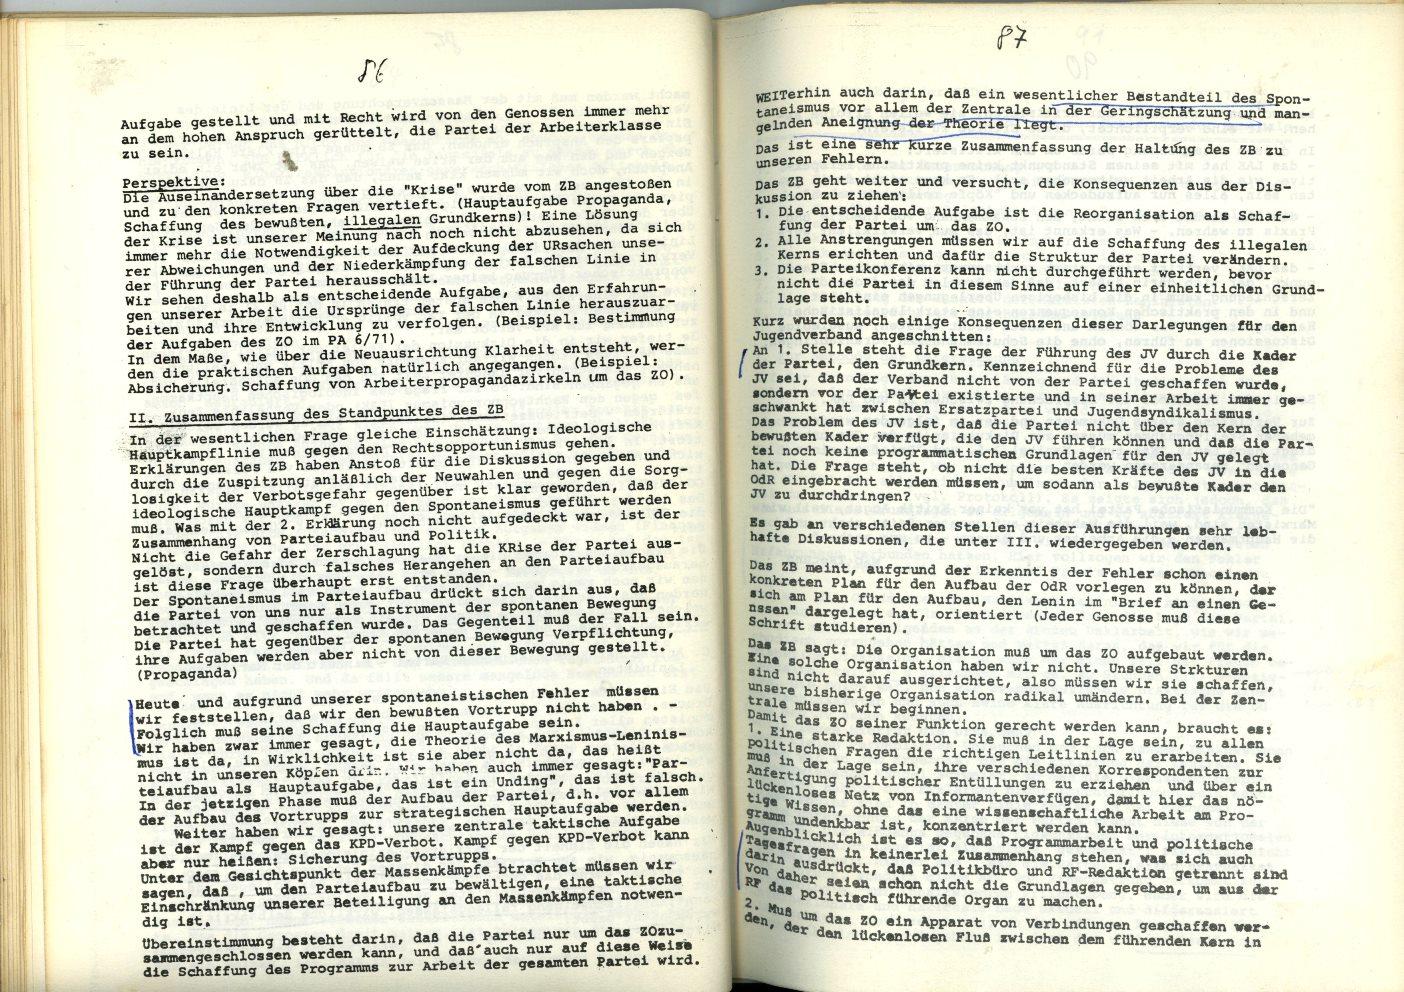 ZB_1972_Diskussionsorgan_zur_ersten_Parteikonferenz_47